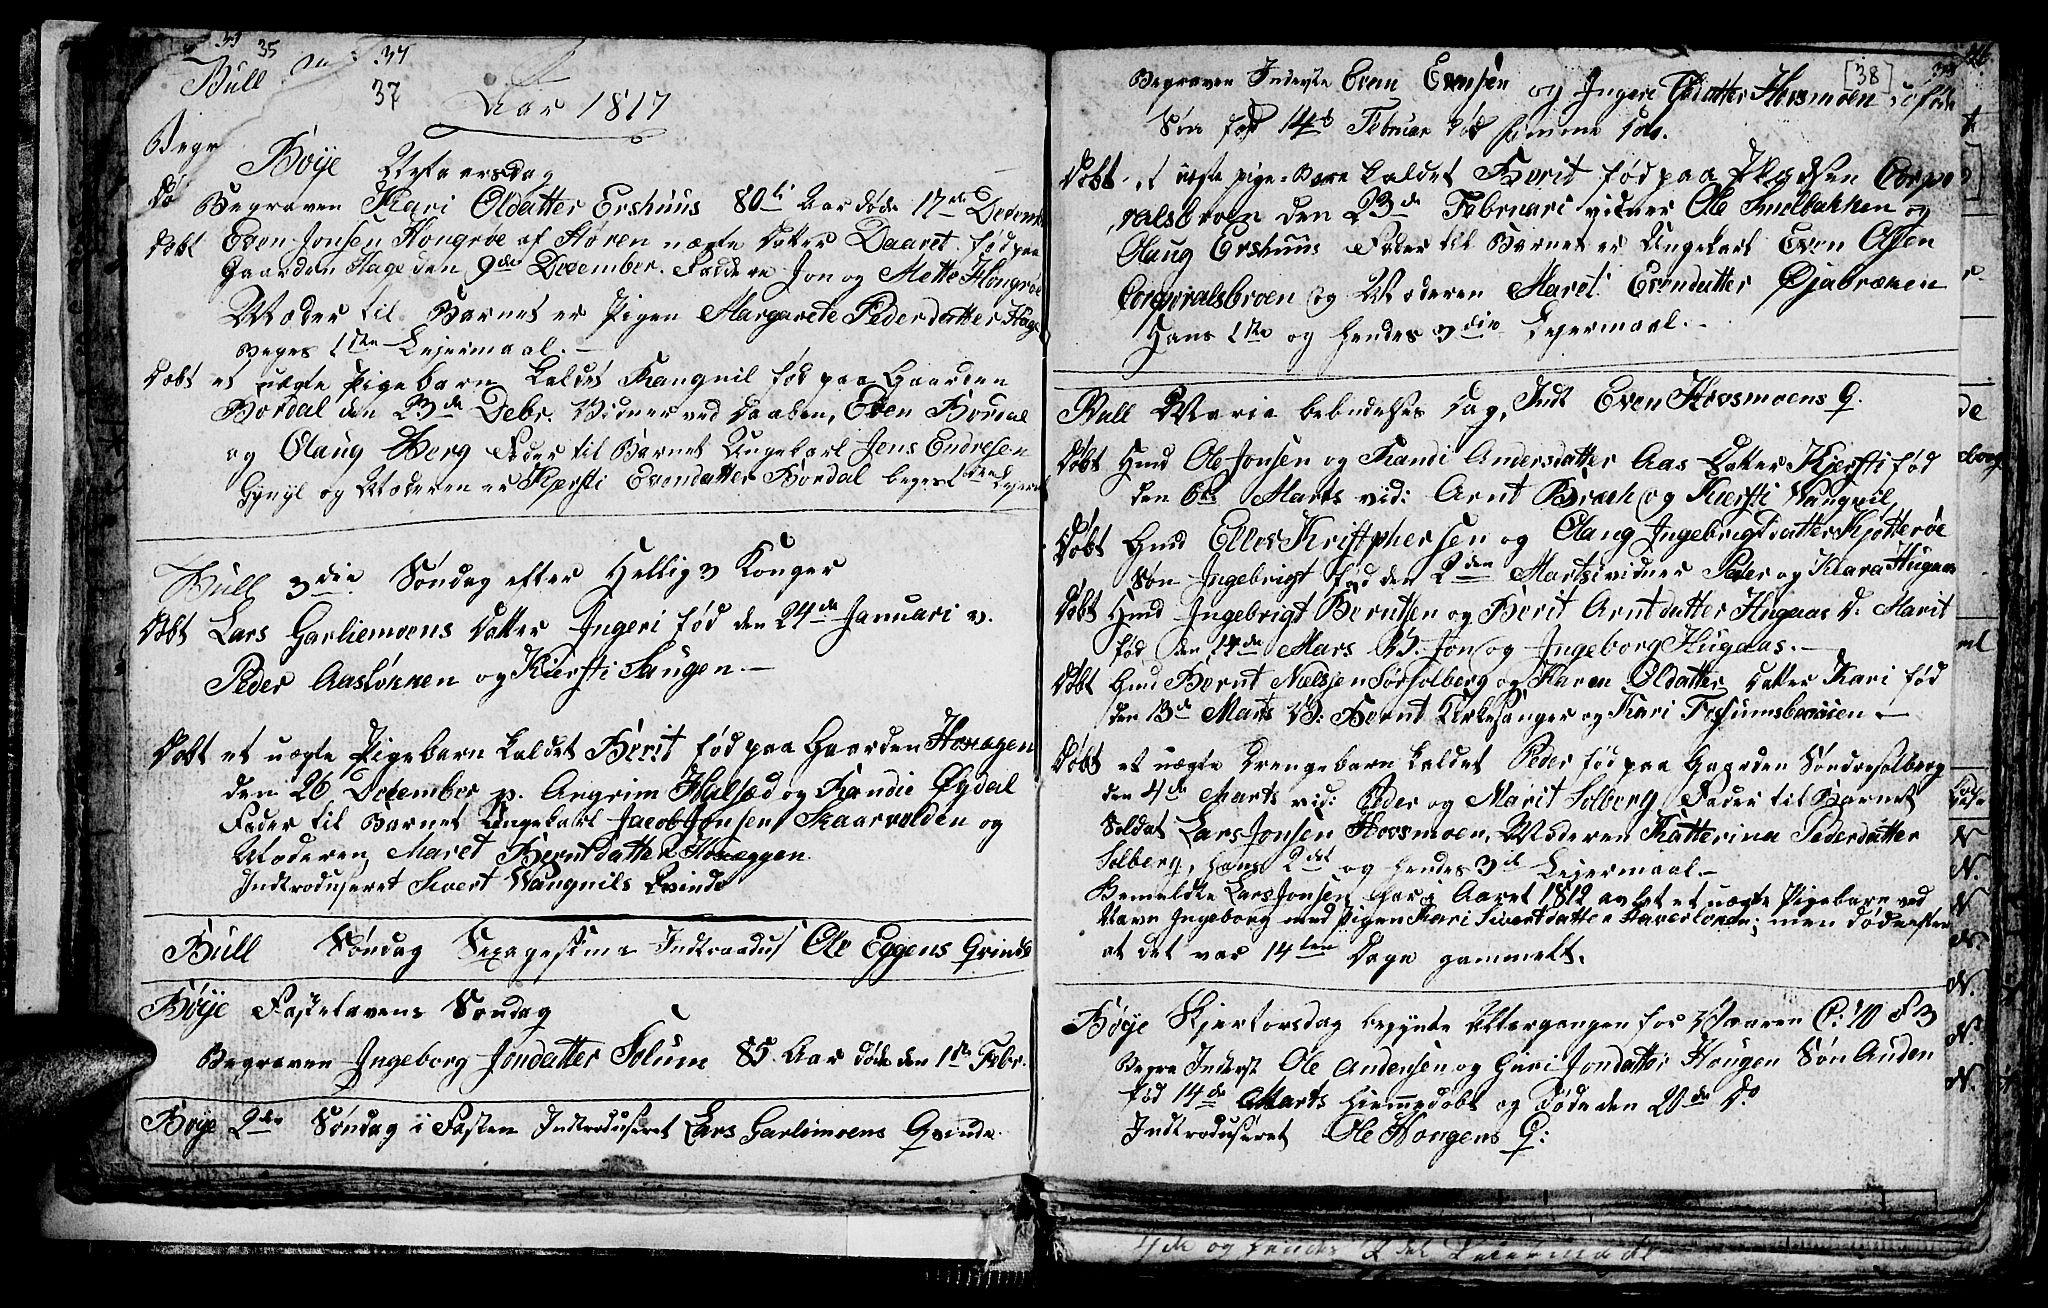 SAT, Ministerialprotokoller, klokkerbøker og fødselsregistre - Sør-Trøndelag, 689/L1042: Klokkerbok nr. 689C01, 1812-1841, s. 37-38